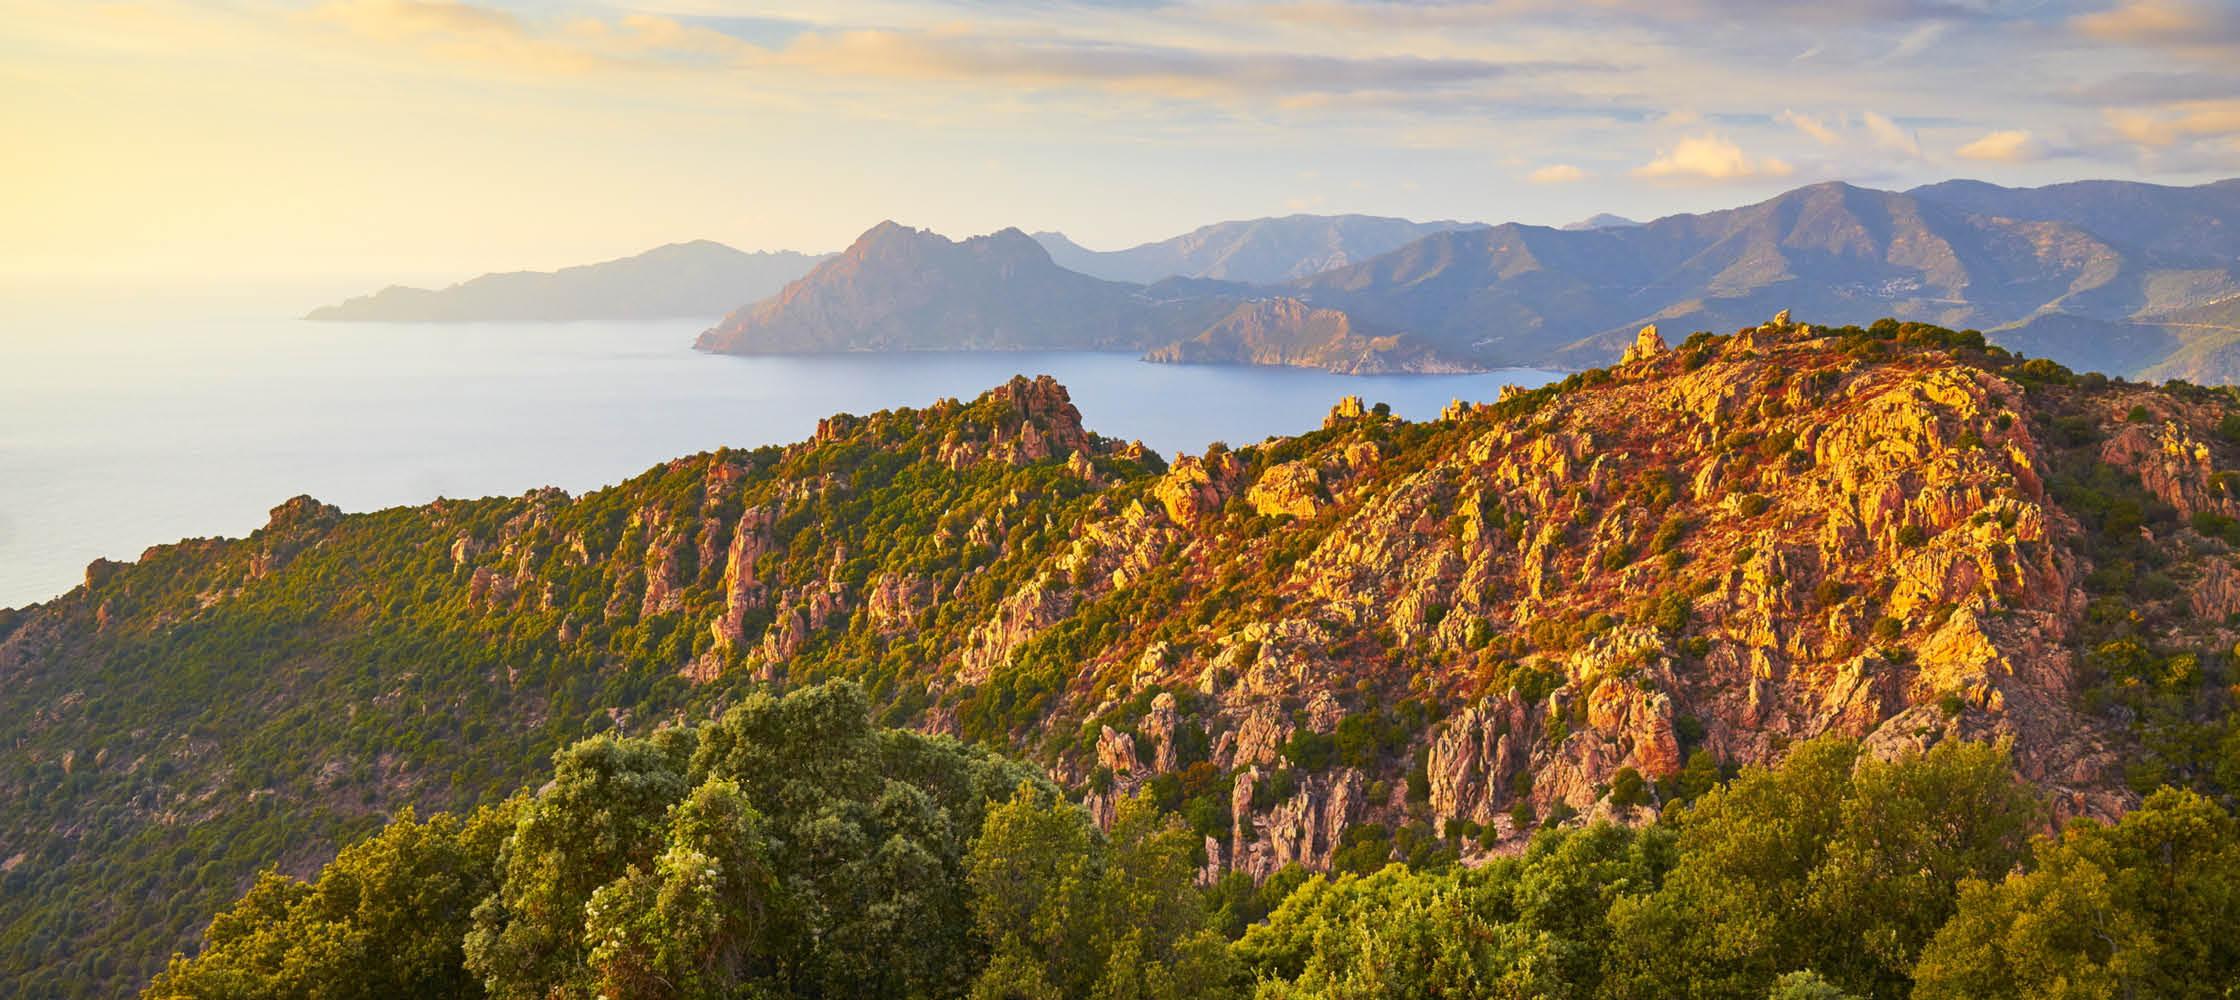 upplev frankrikes natur och berg och kultur på resa till frankrike